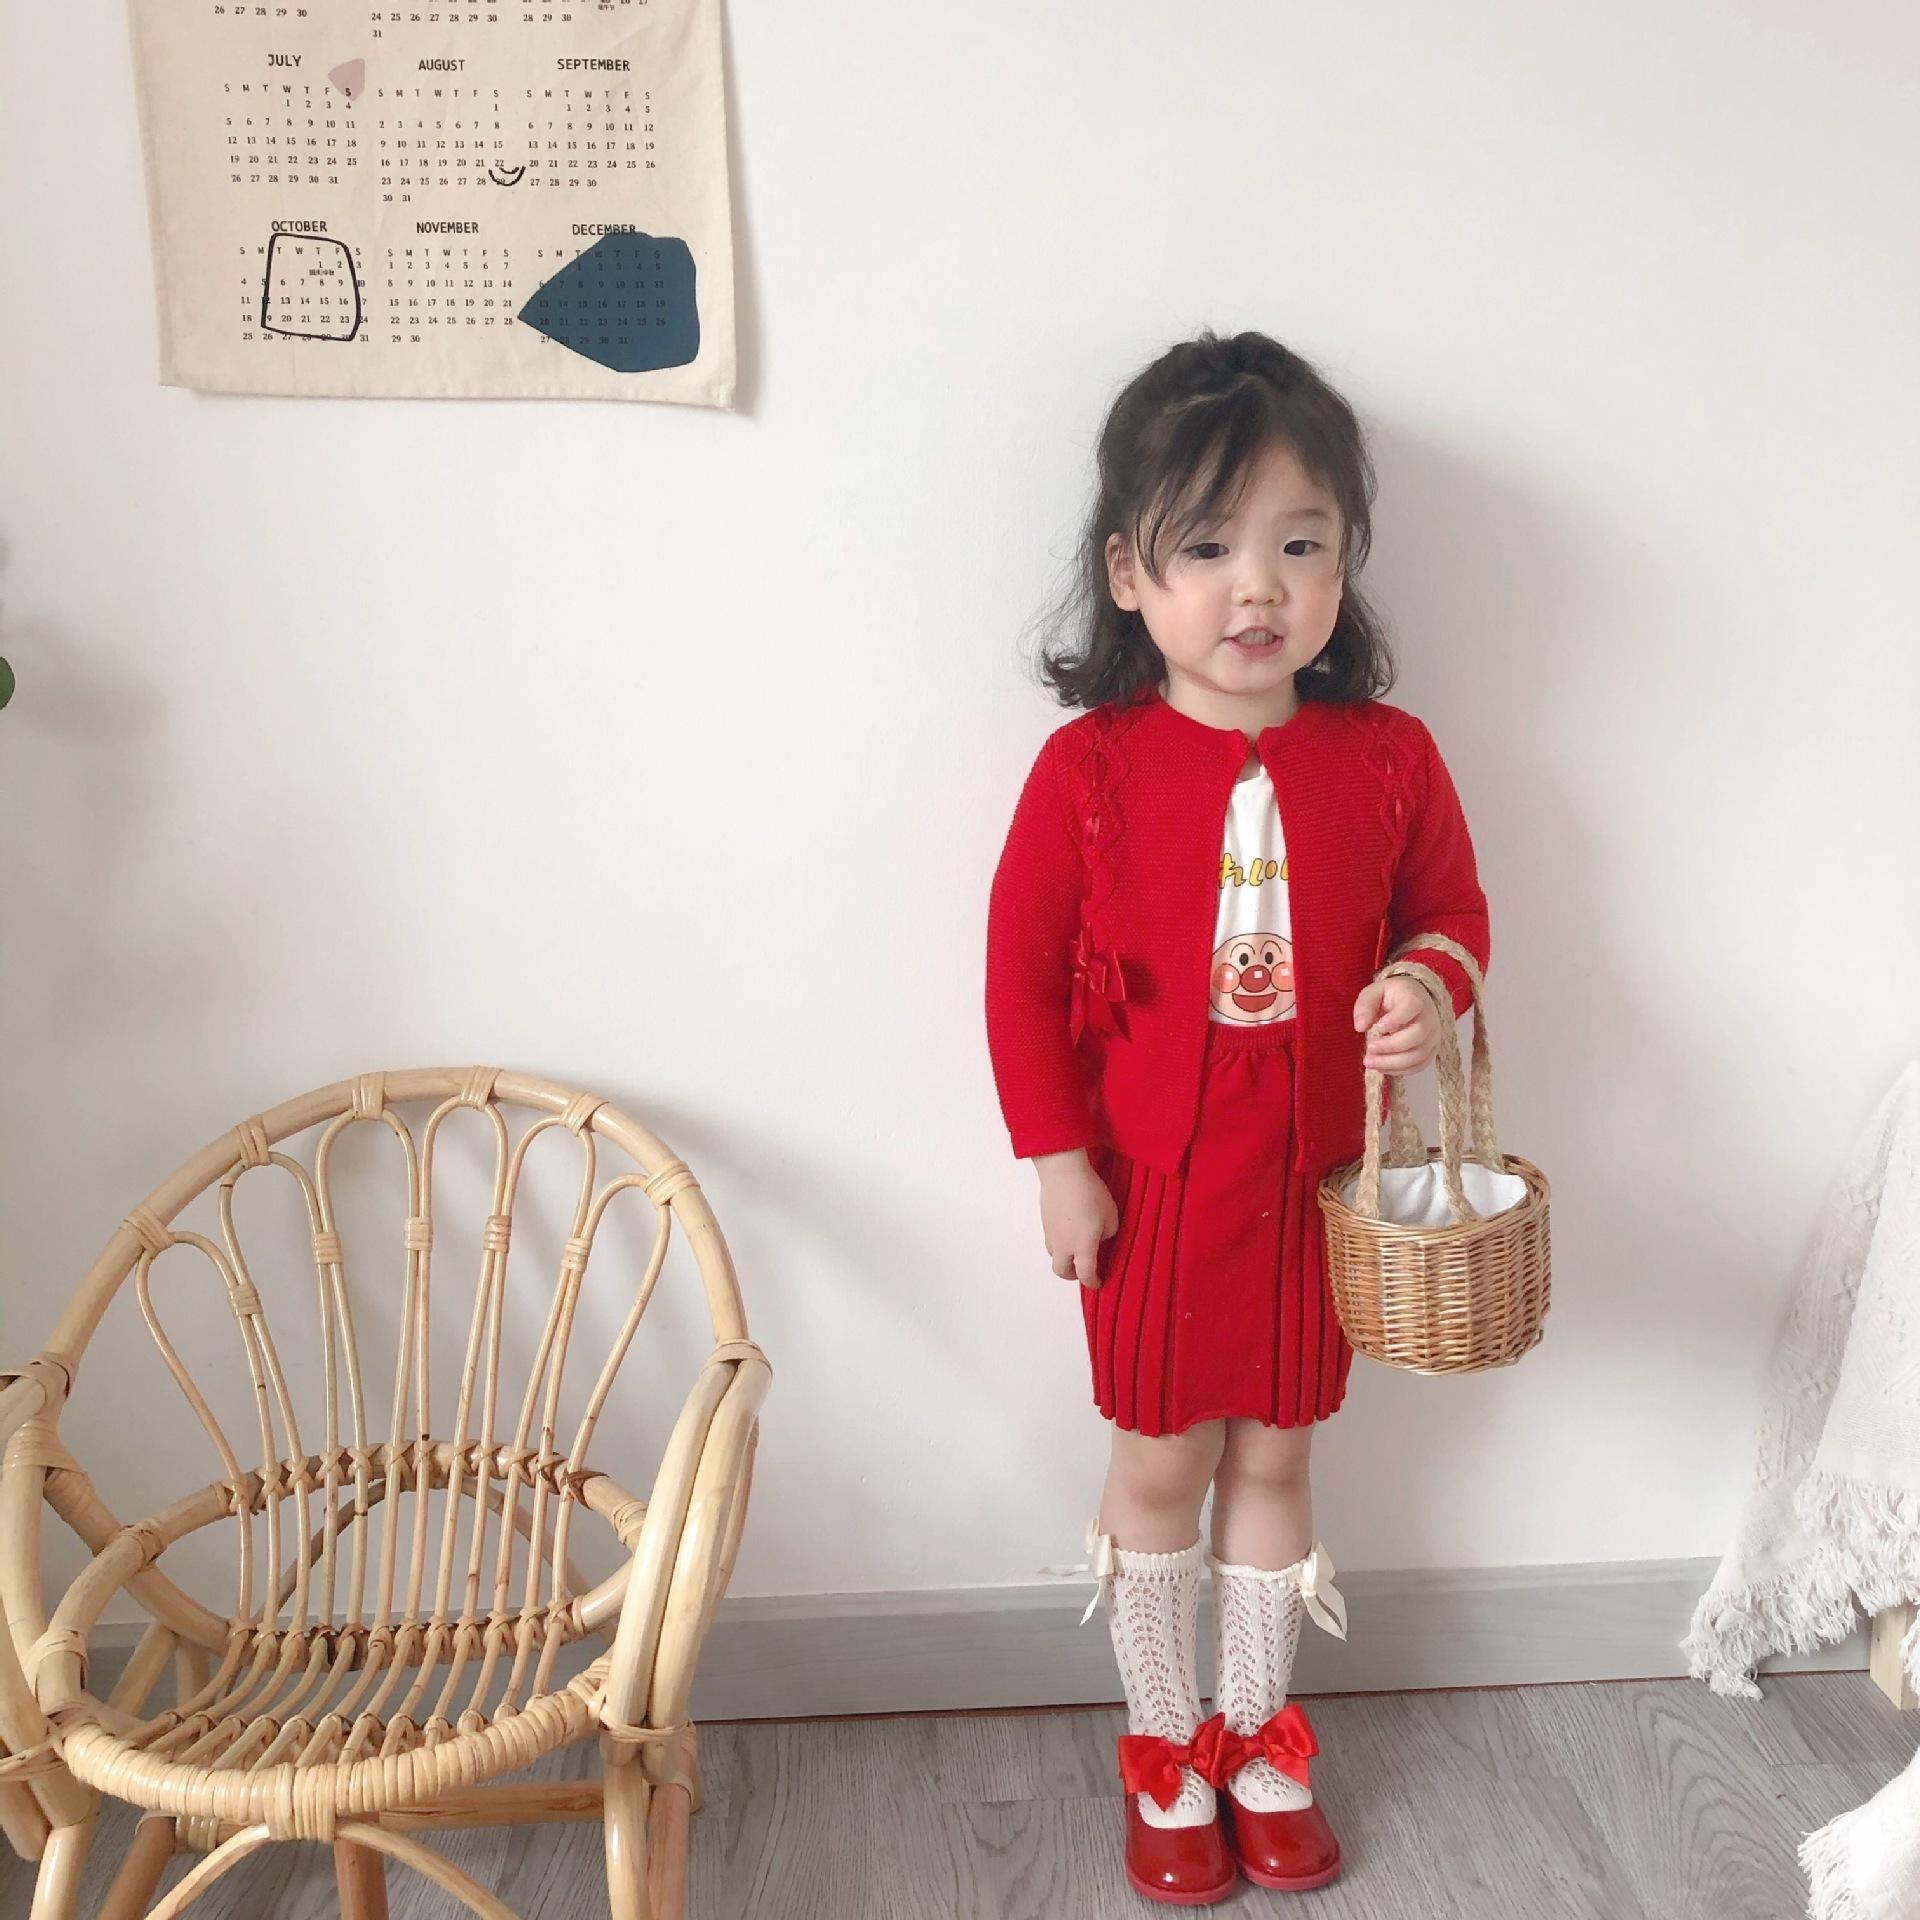 Baby Girl Spanish Ropa para bebés Chaqueta de punto para niños pequeños Estilo Preppy Ropa Set Niños Cardigan + Vestido de suspensión 0927